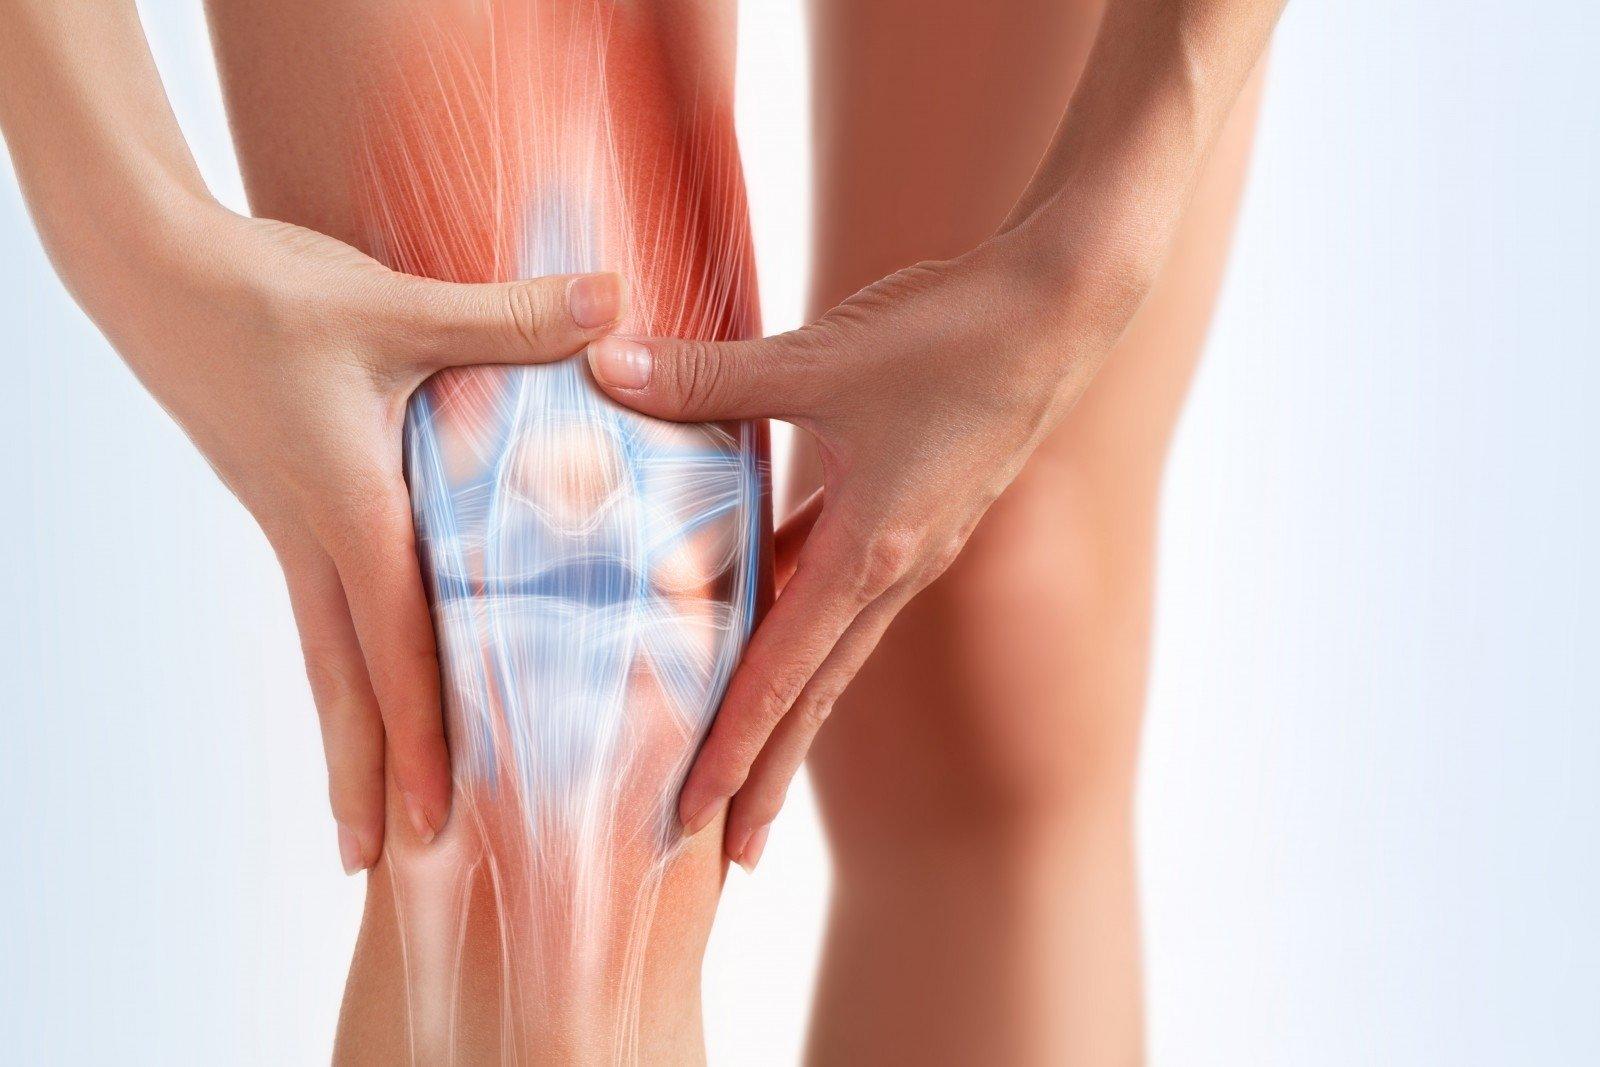 fizioterapijos gydymas sąnarių sąnarių liga statistiką